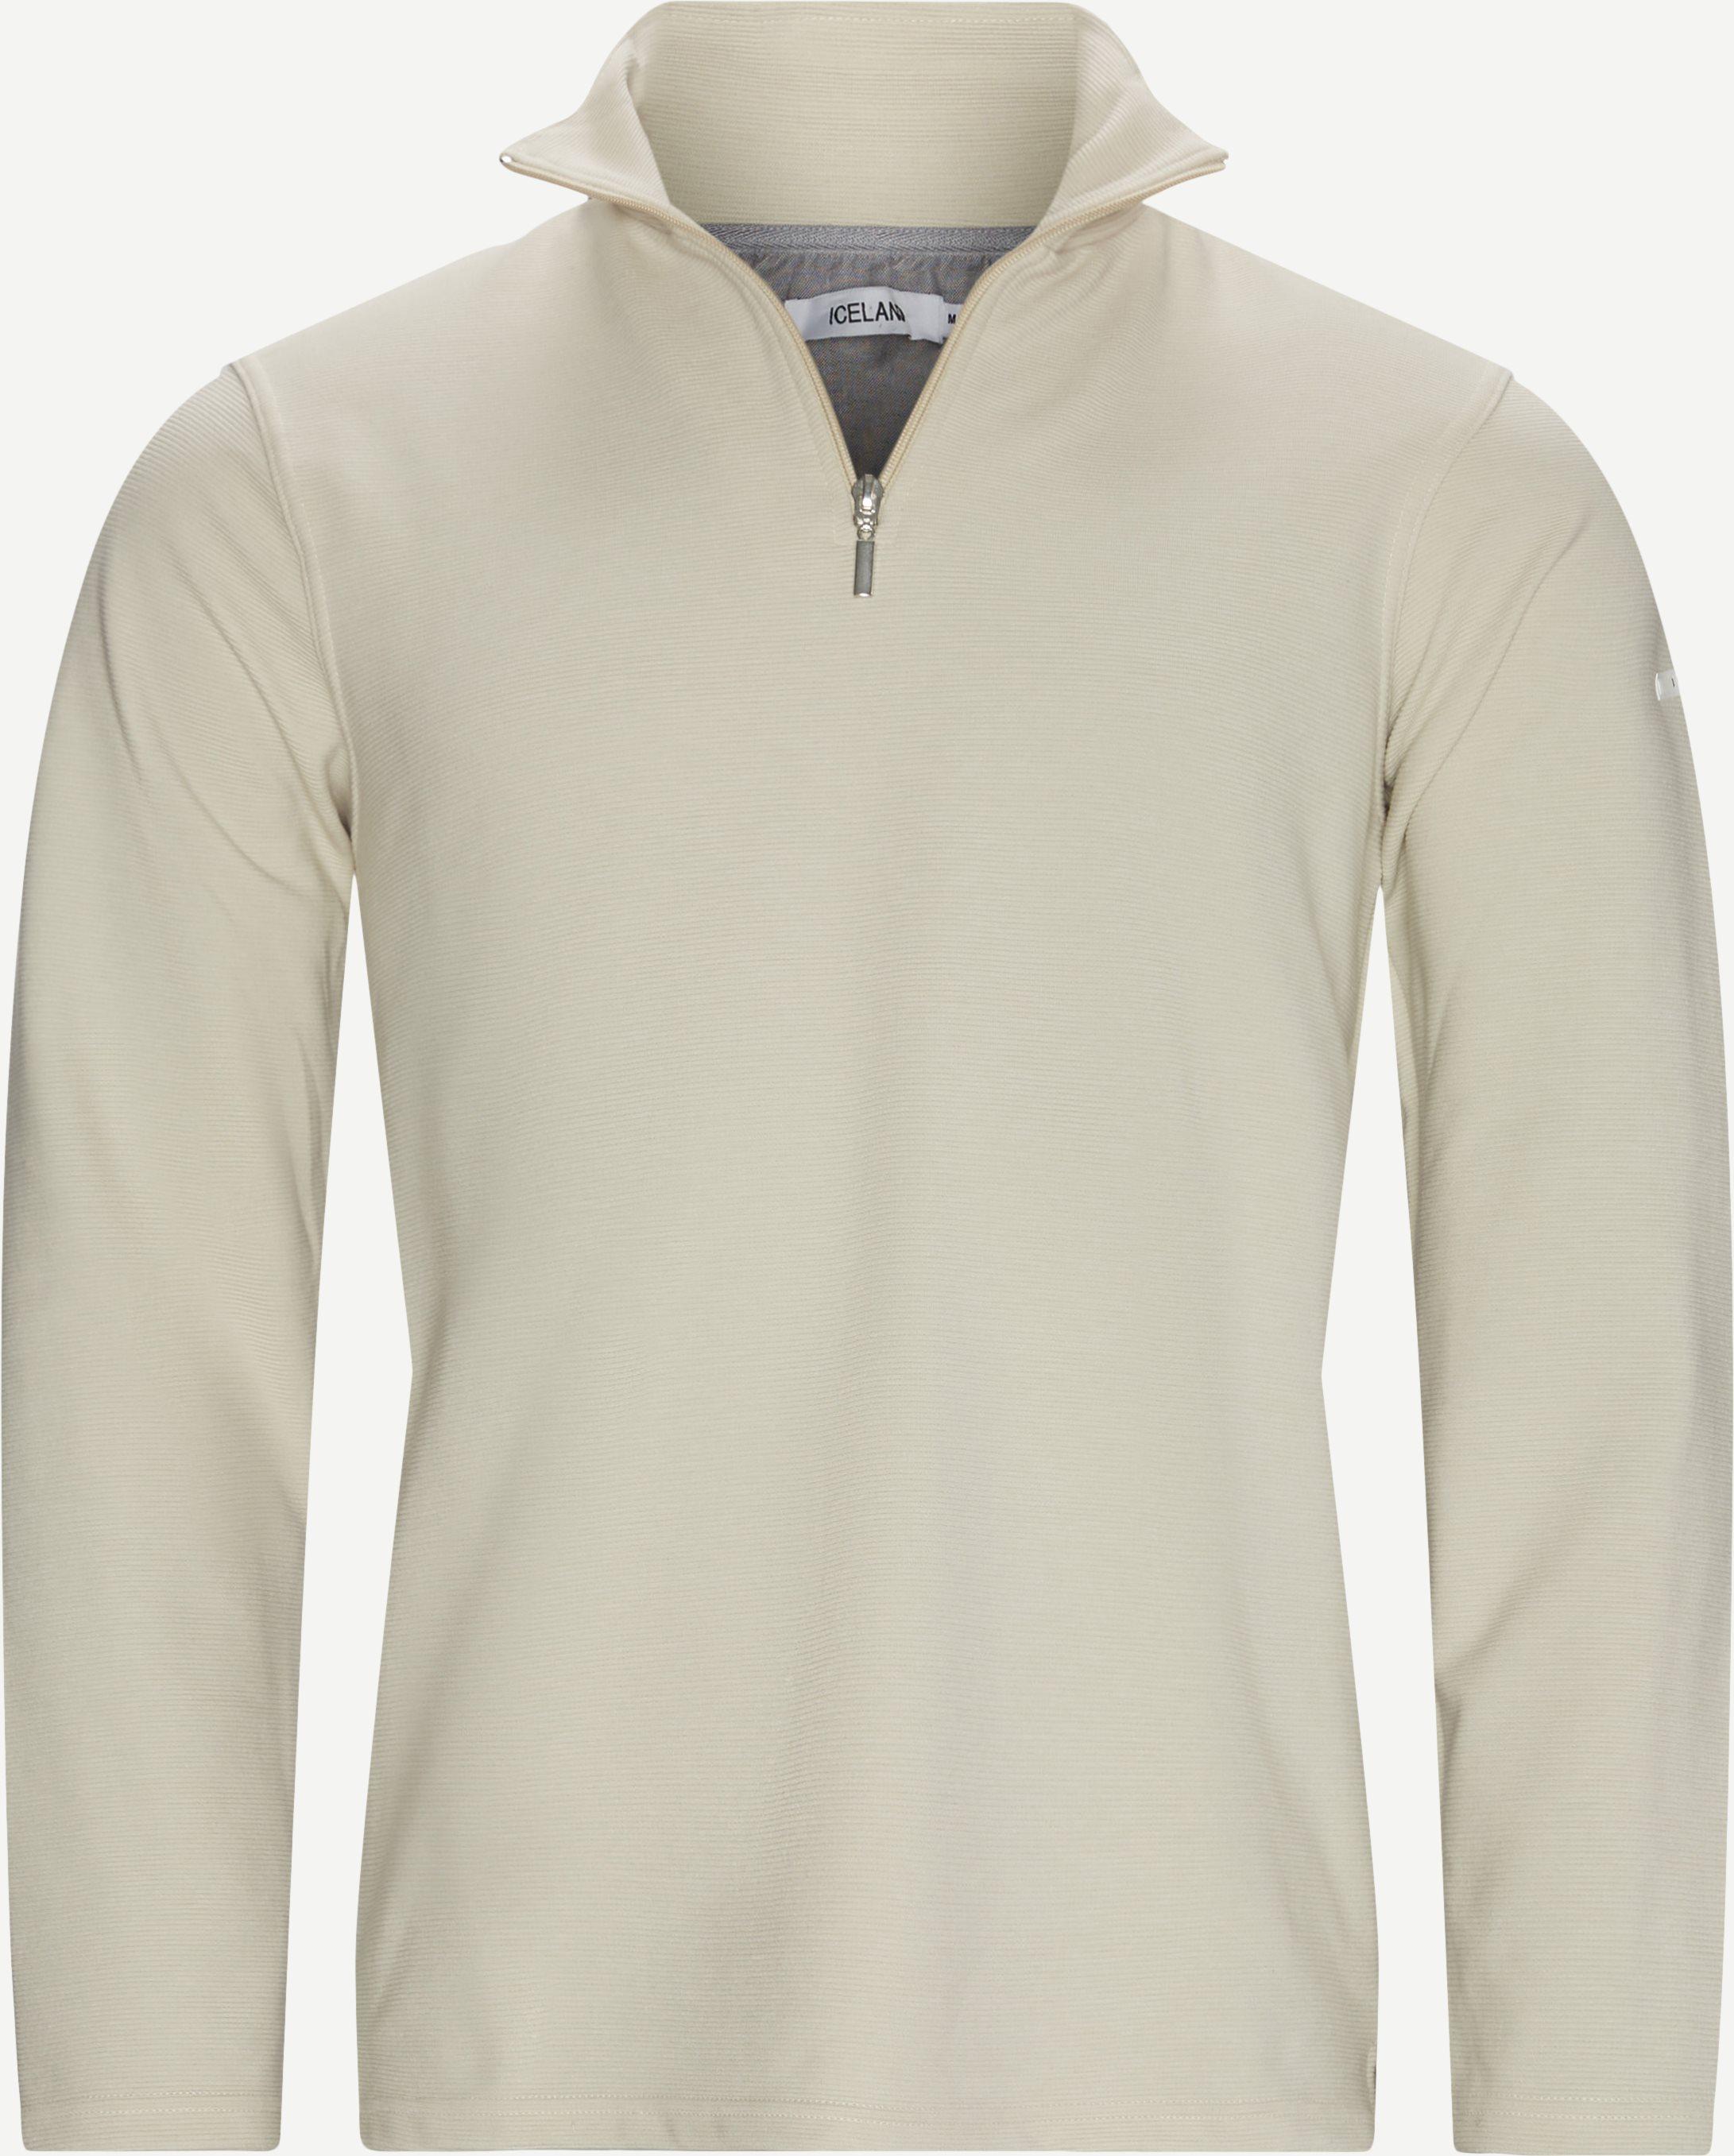 Sweatshirts - Sand